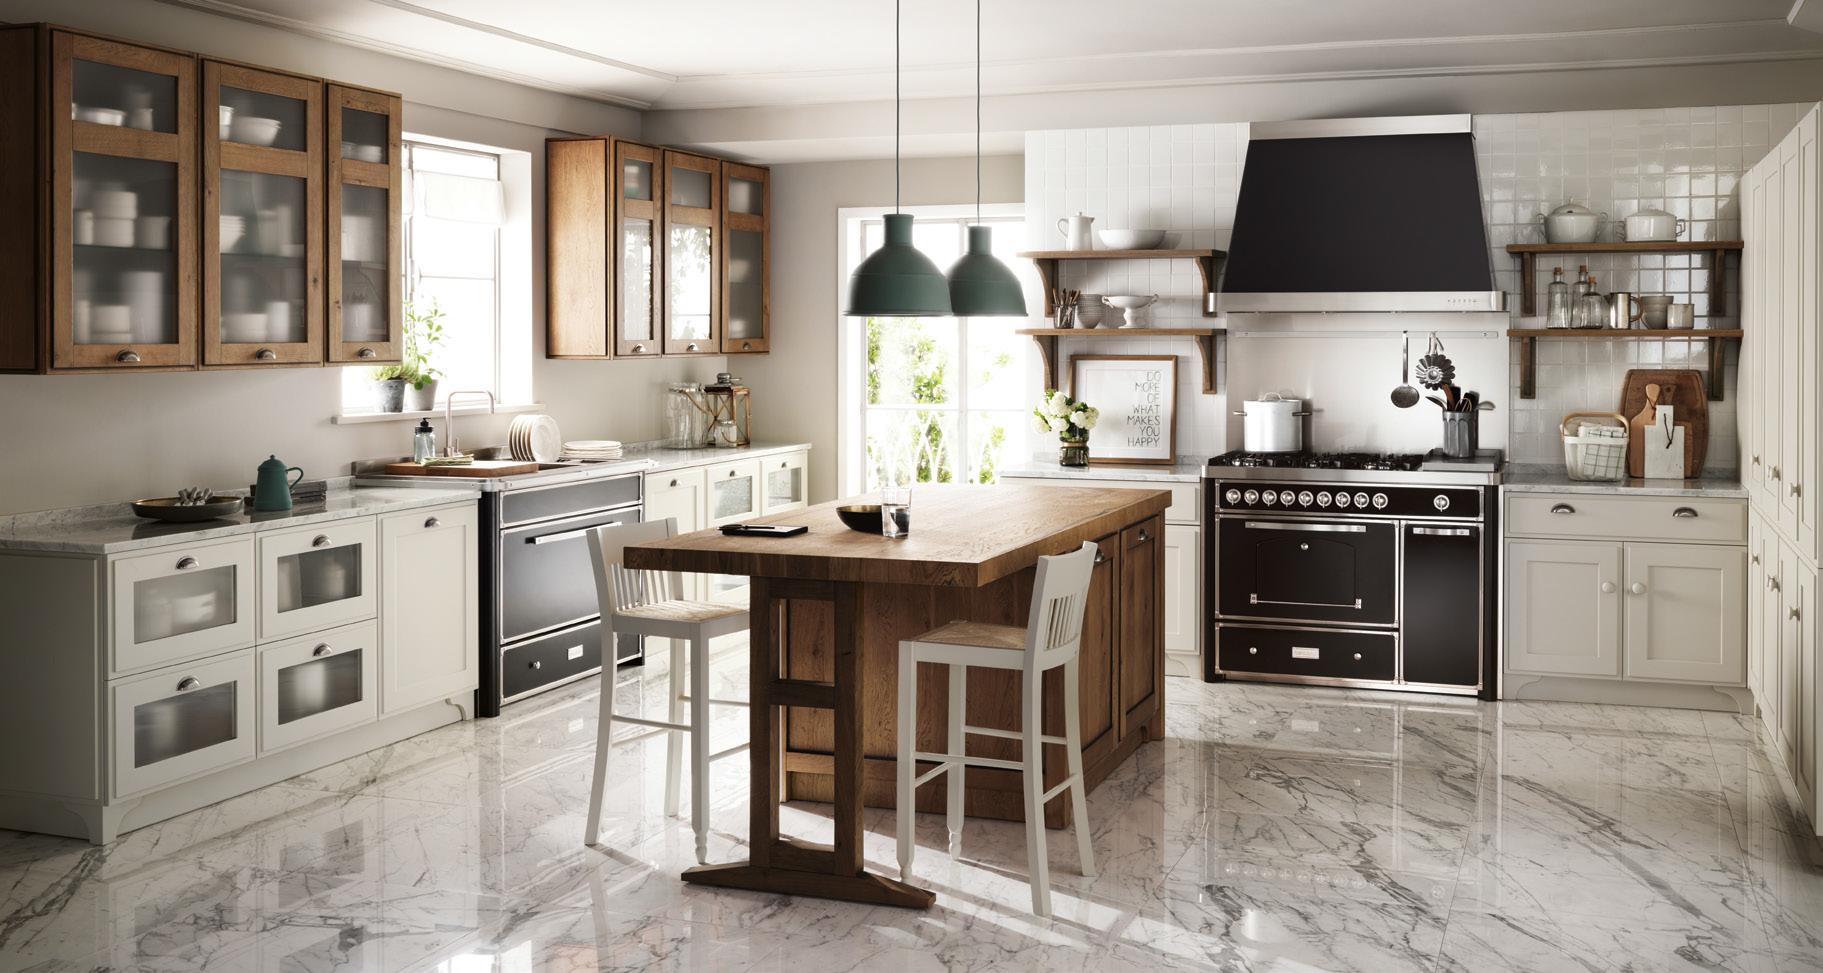 Cucine scavolini prezzi e misure idee per il design - Prezzi cucine moderne ...